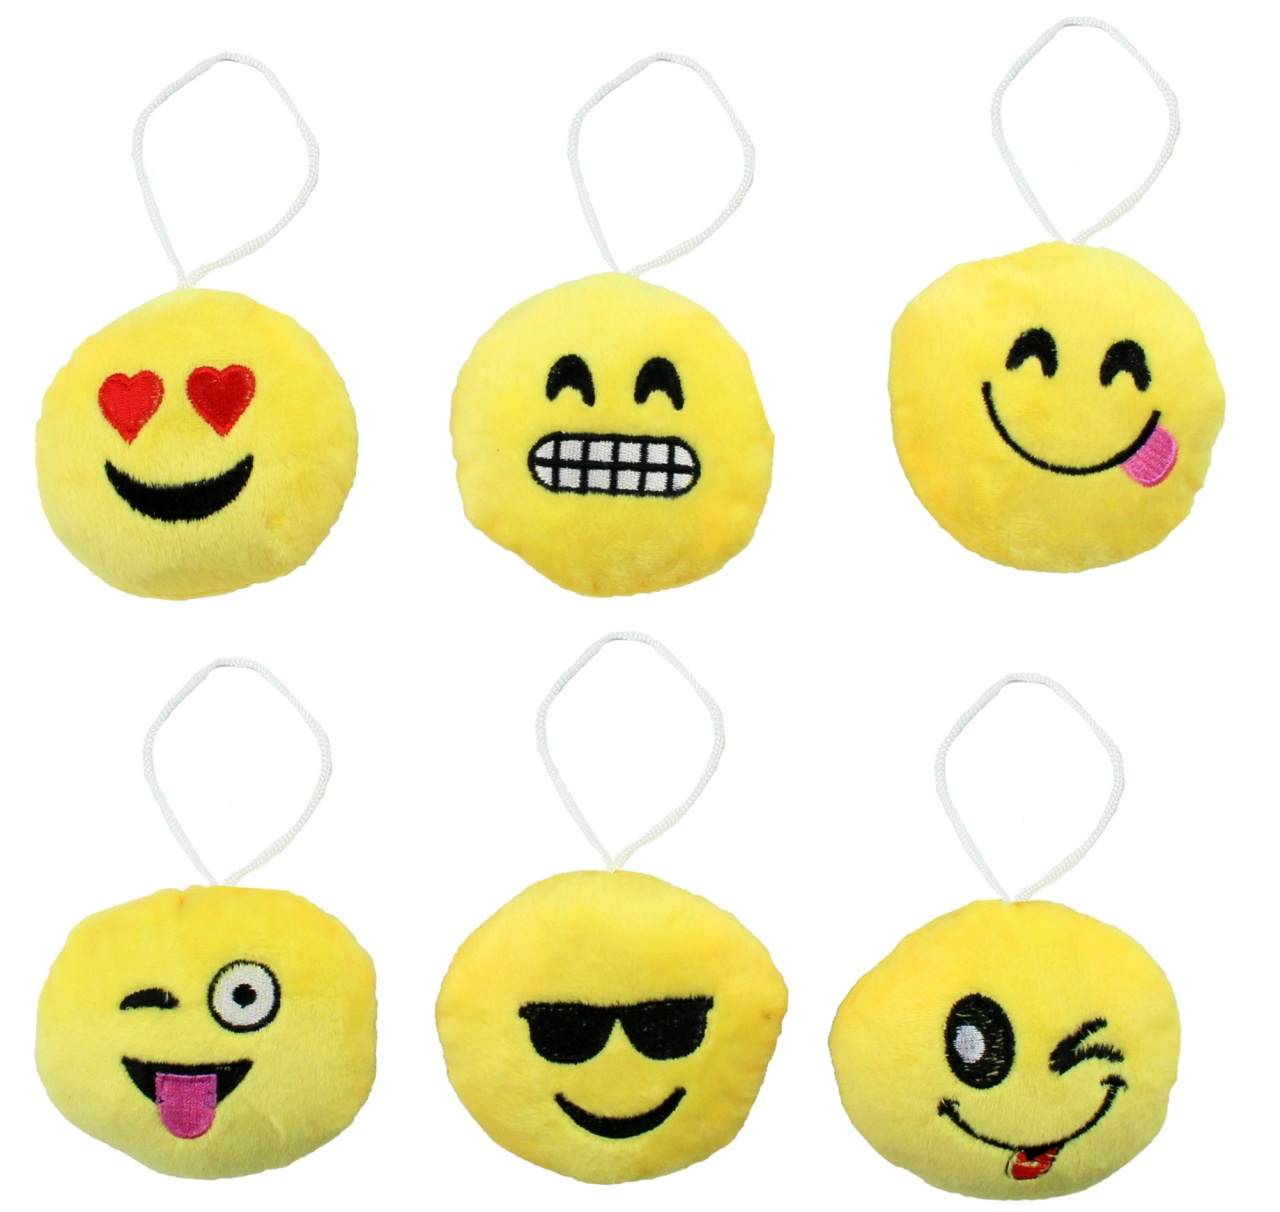 Kissen Smile Emoticon 6-fach sortiert ca 9 cm